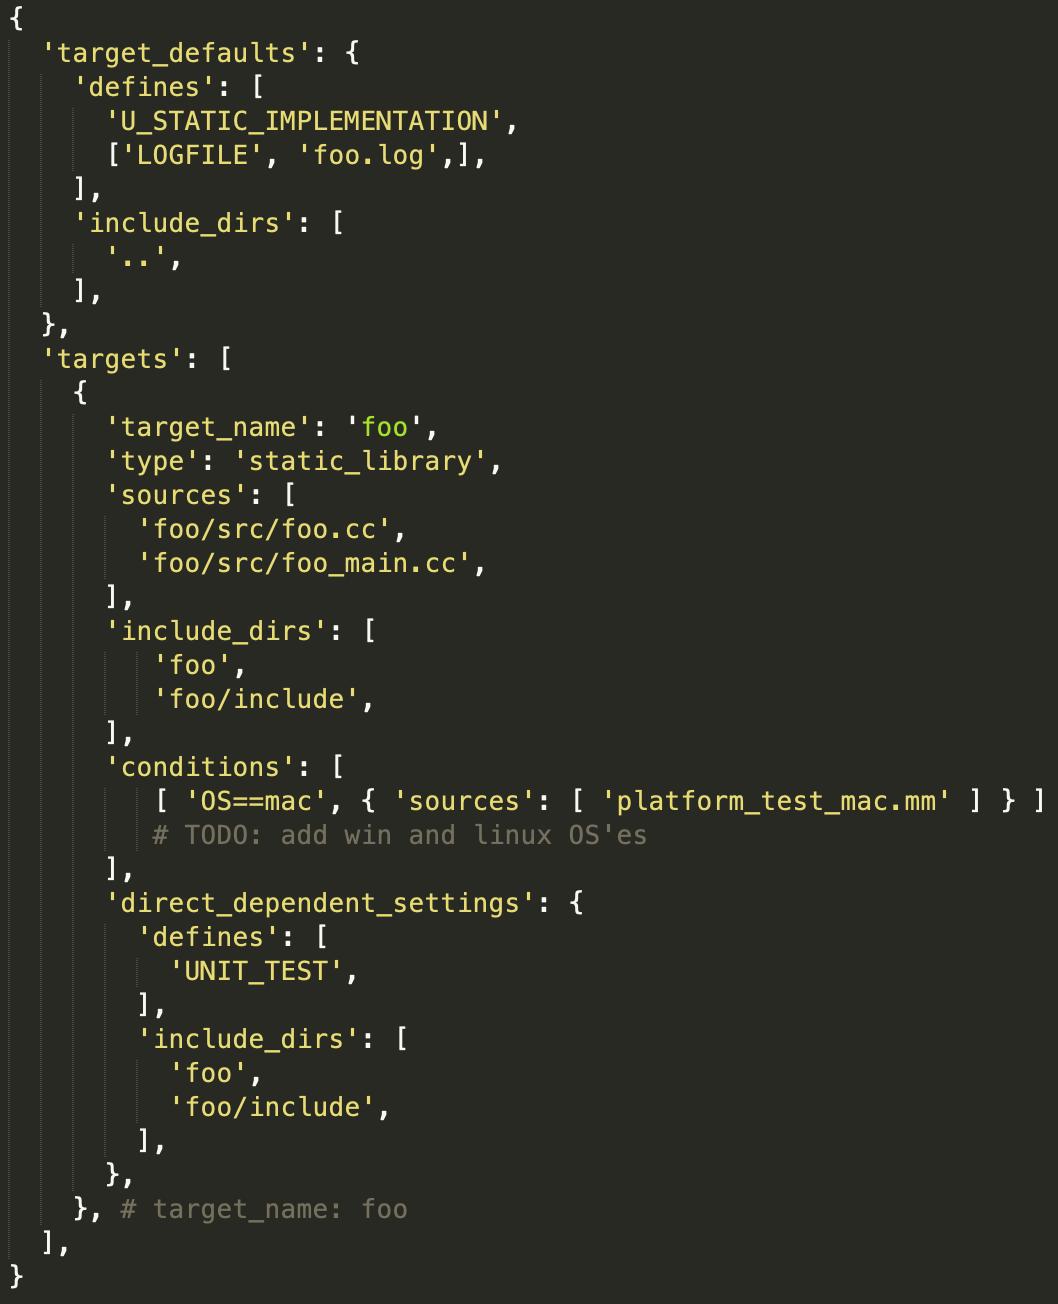 Örnek bir GYP yapılandırma dosyası - Kaynak: https://gyp.gsrc.io/docs/LanguageSpecification.md#Example